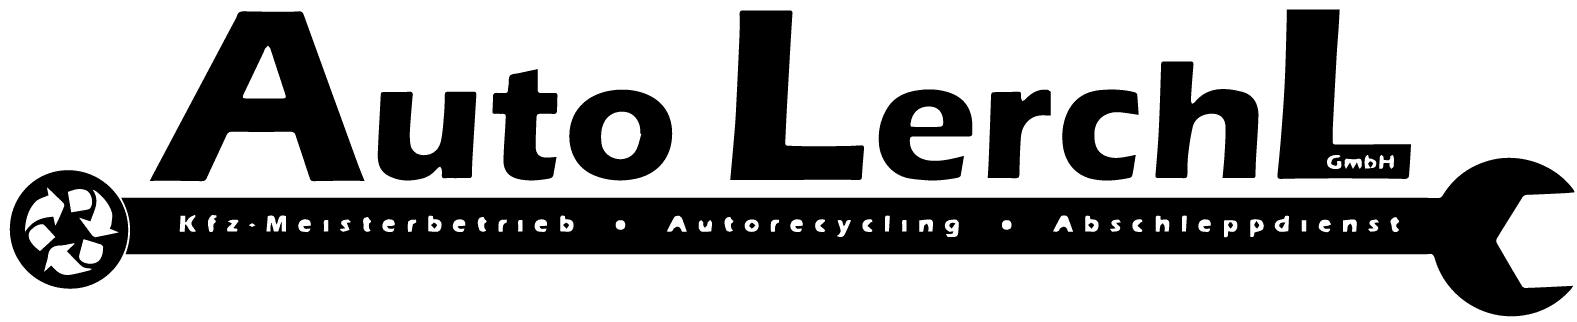 AutoLerchl